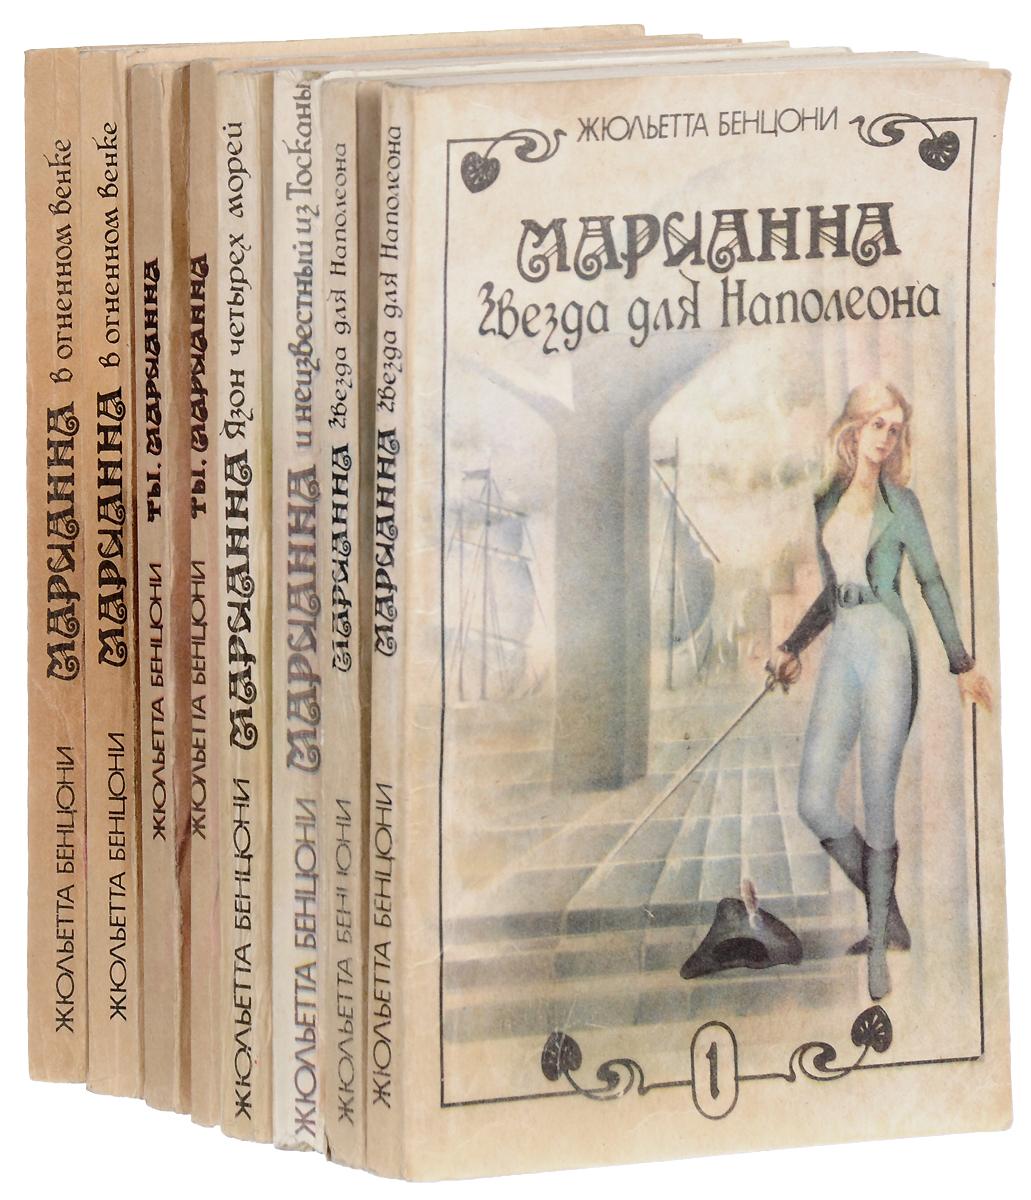 Жюльетта Бенцони Марианна. Роман в семи книгах (комплект из 8 книг)